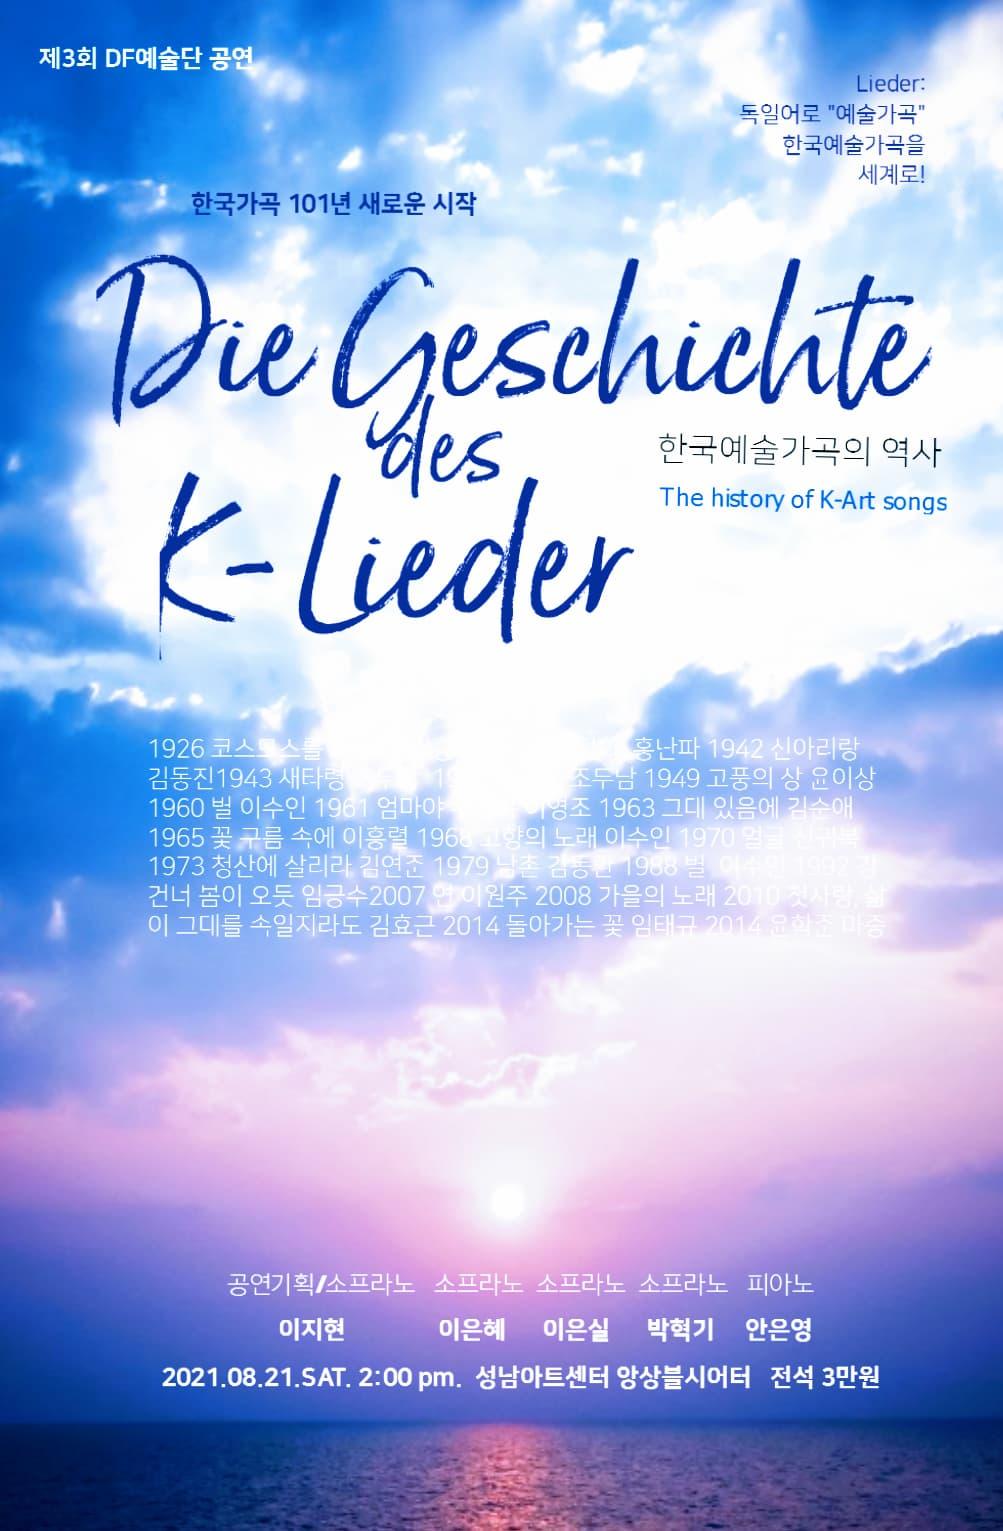 Die Geschichte des K-Lieder (한국예술가곡의 역사 The History of K-Art songs)